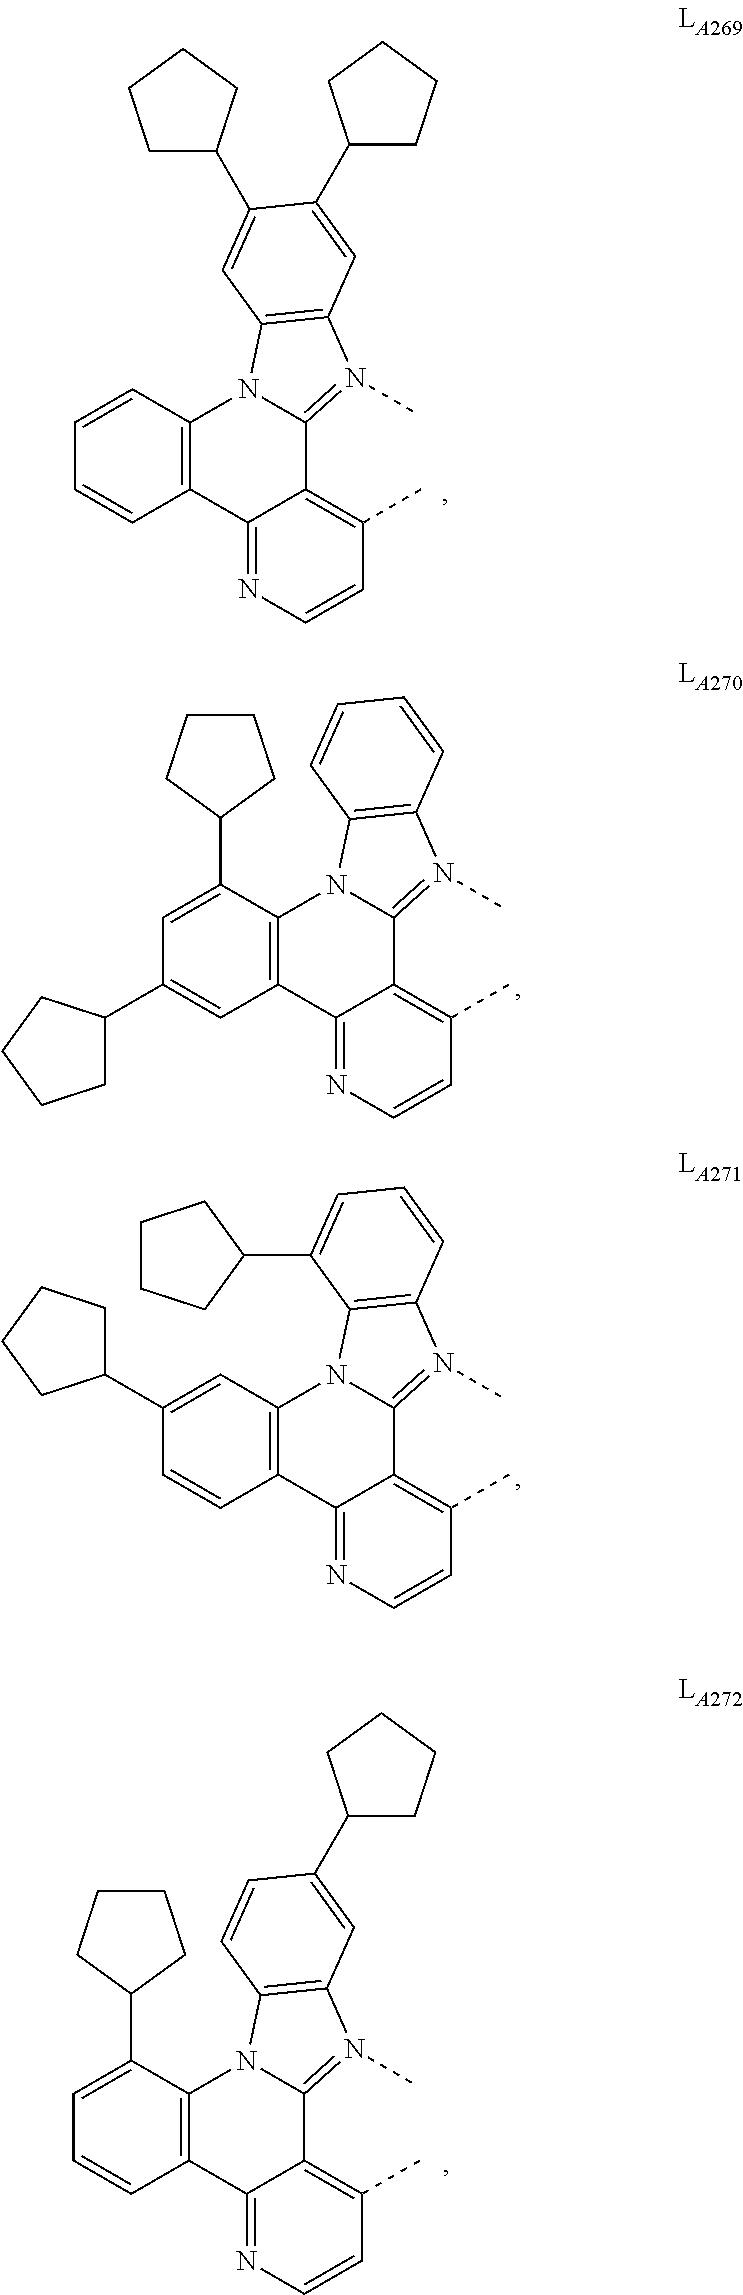 Figure US09905785-20180227-C00482